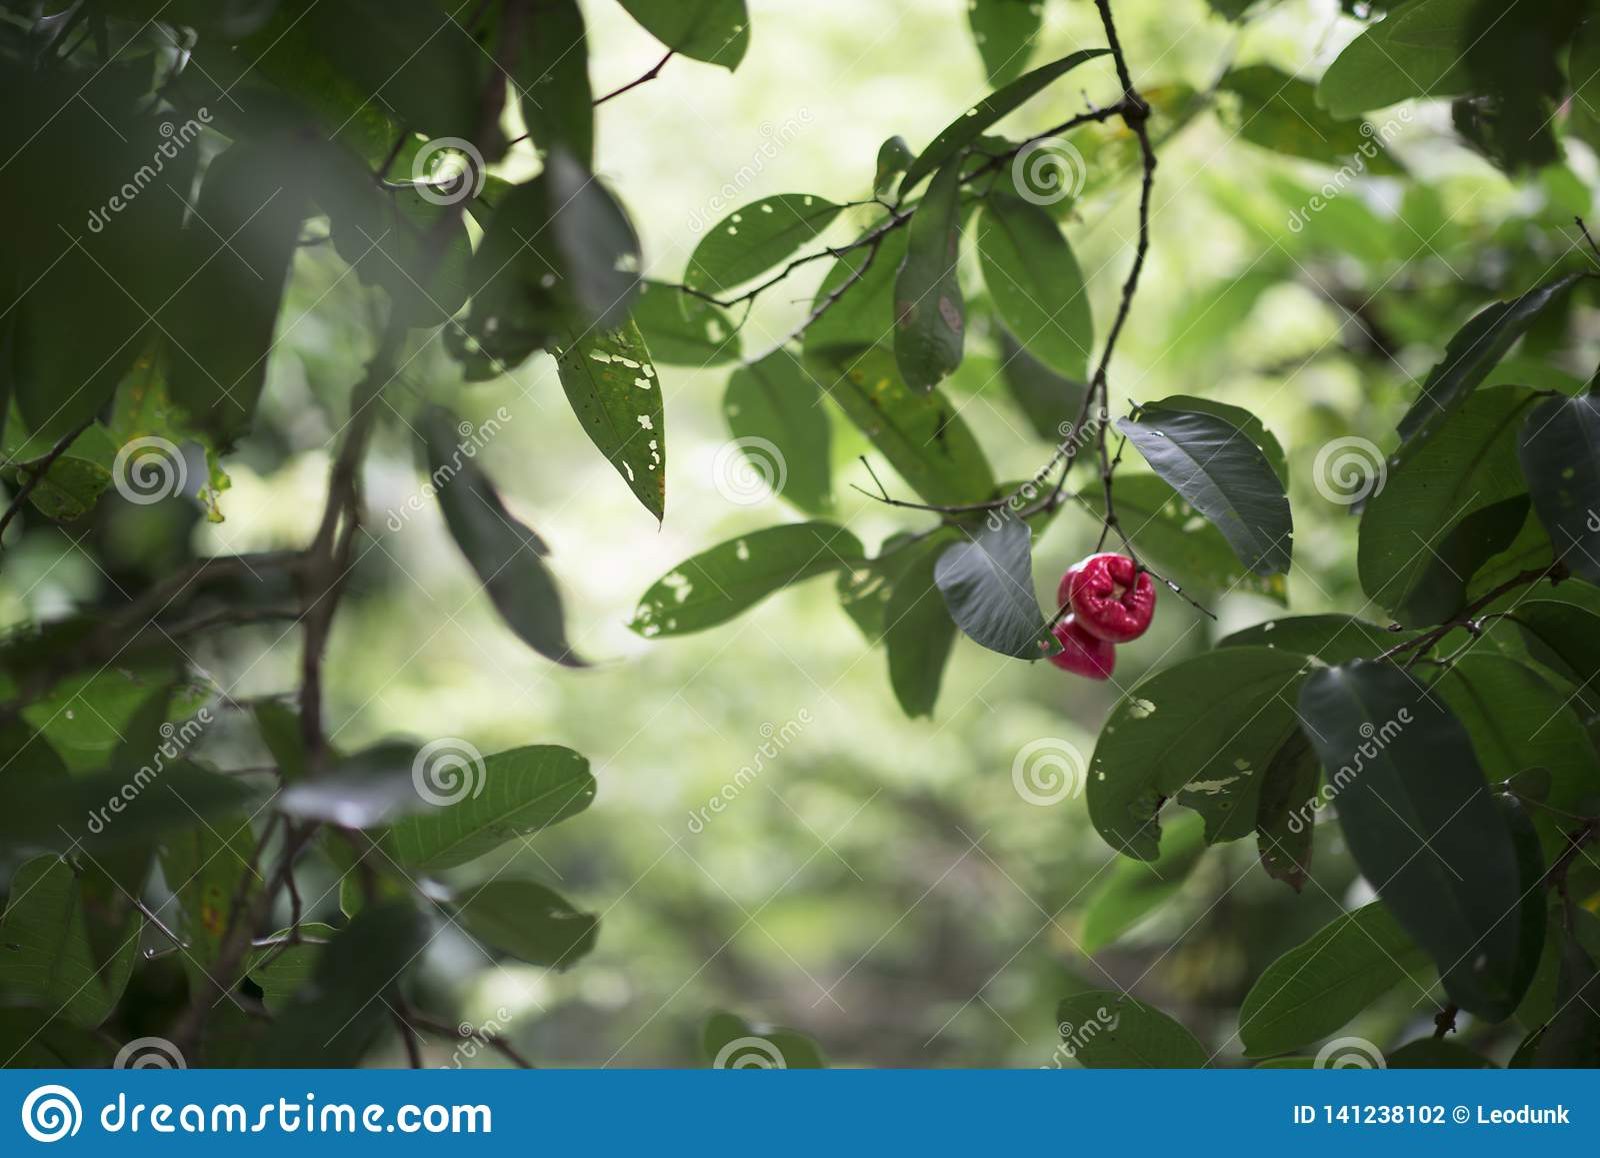 Vietnamese waterapple of de Syzygie samarangense zijn een tropische appel van de fruit ook geroepen was, de appel van Java, de dj